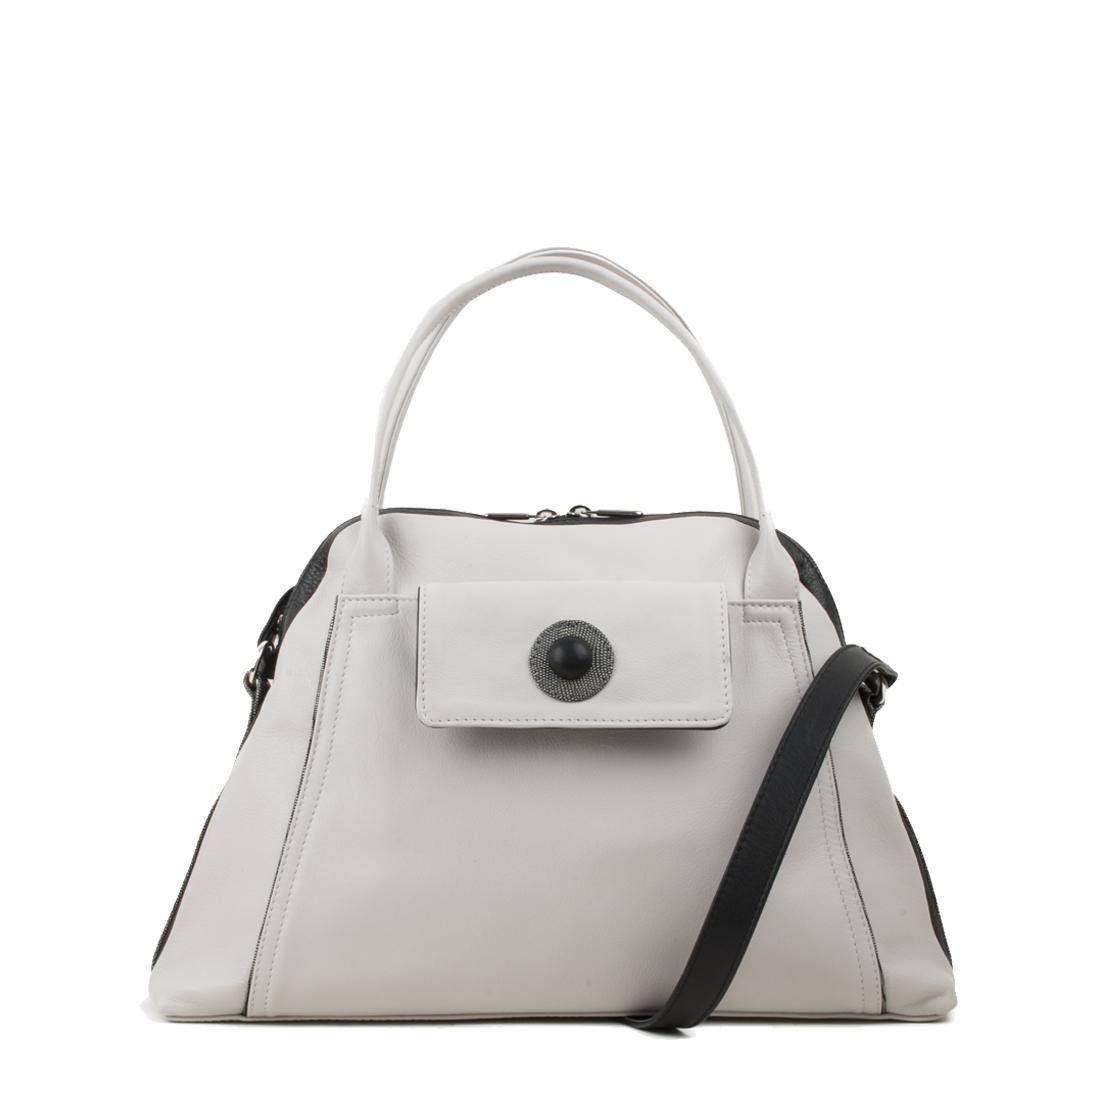 Lottie Polvere Leather Shoulder Bag